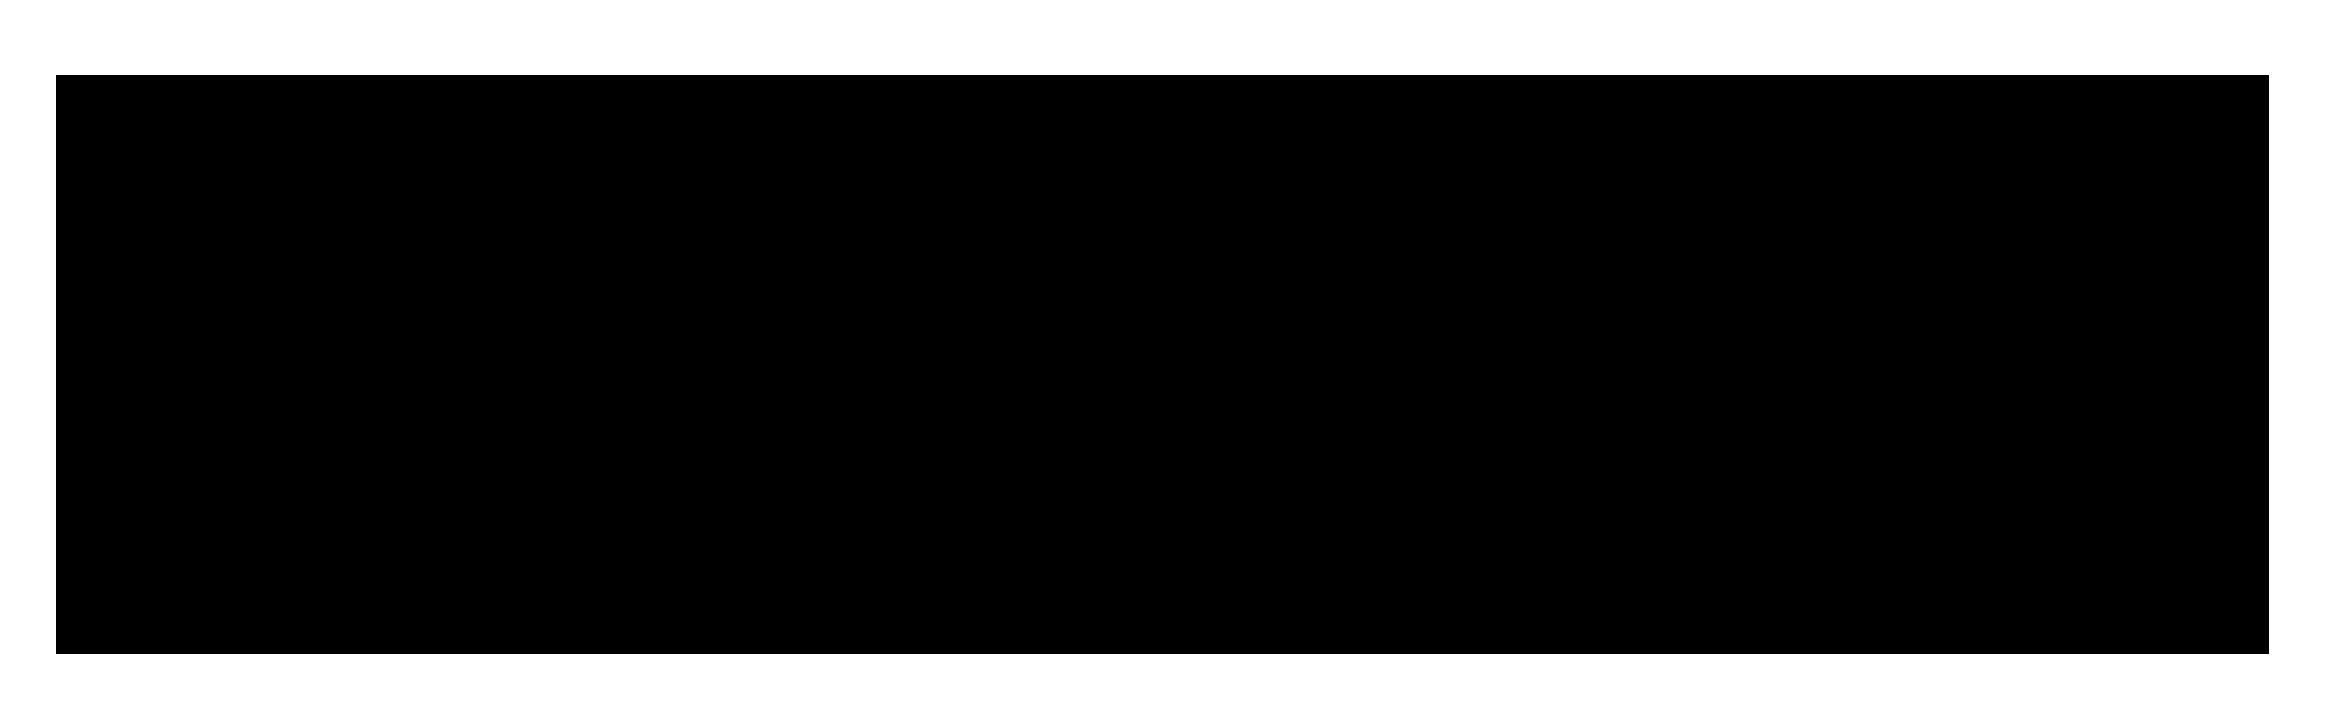 Фабрика межкомнатных дверей дубрава сибирь новосибирск